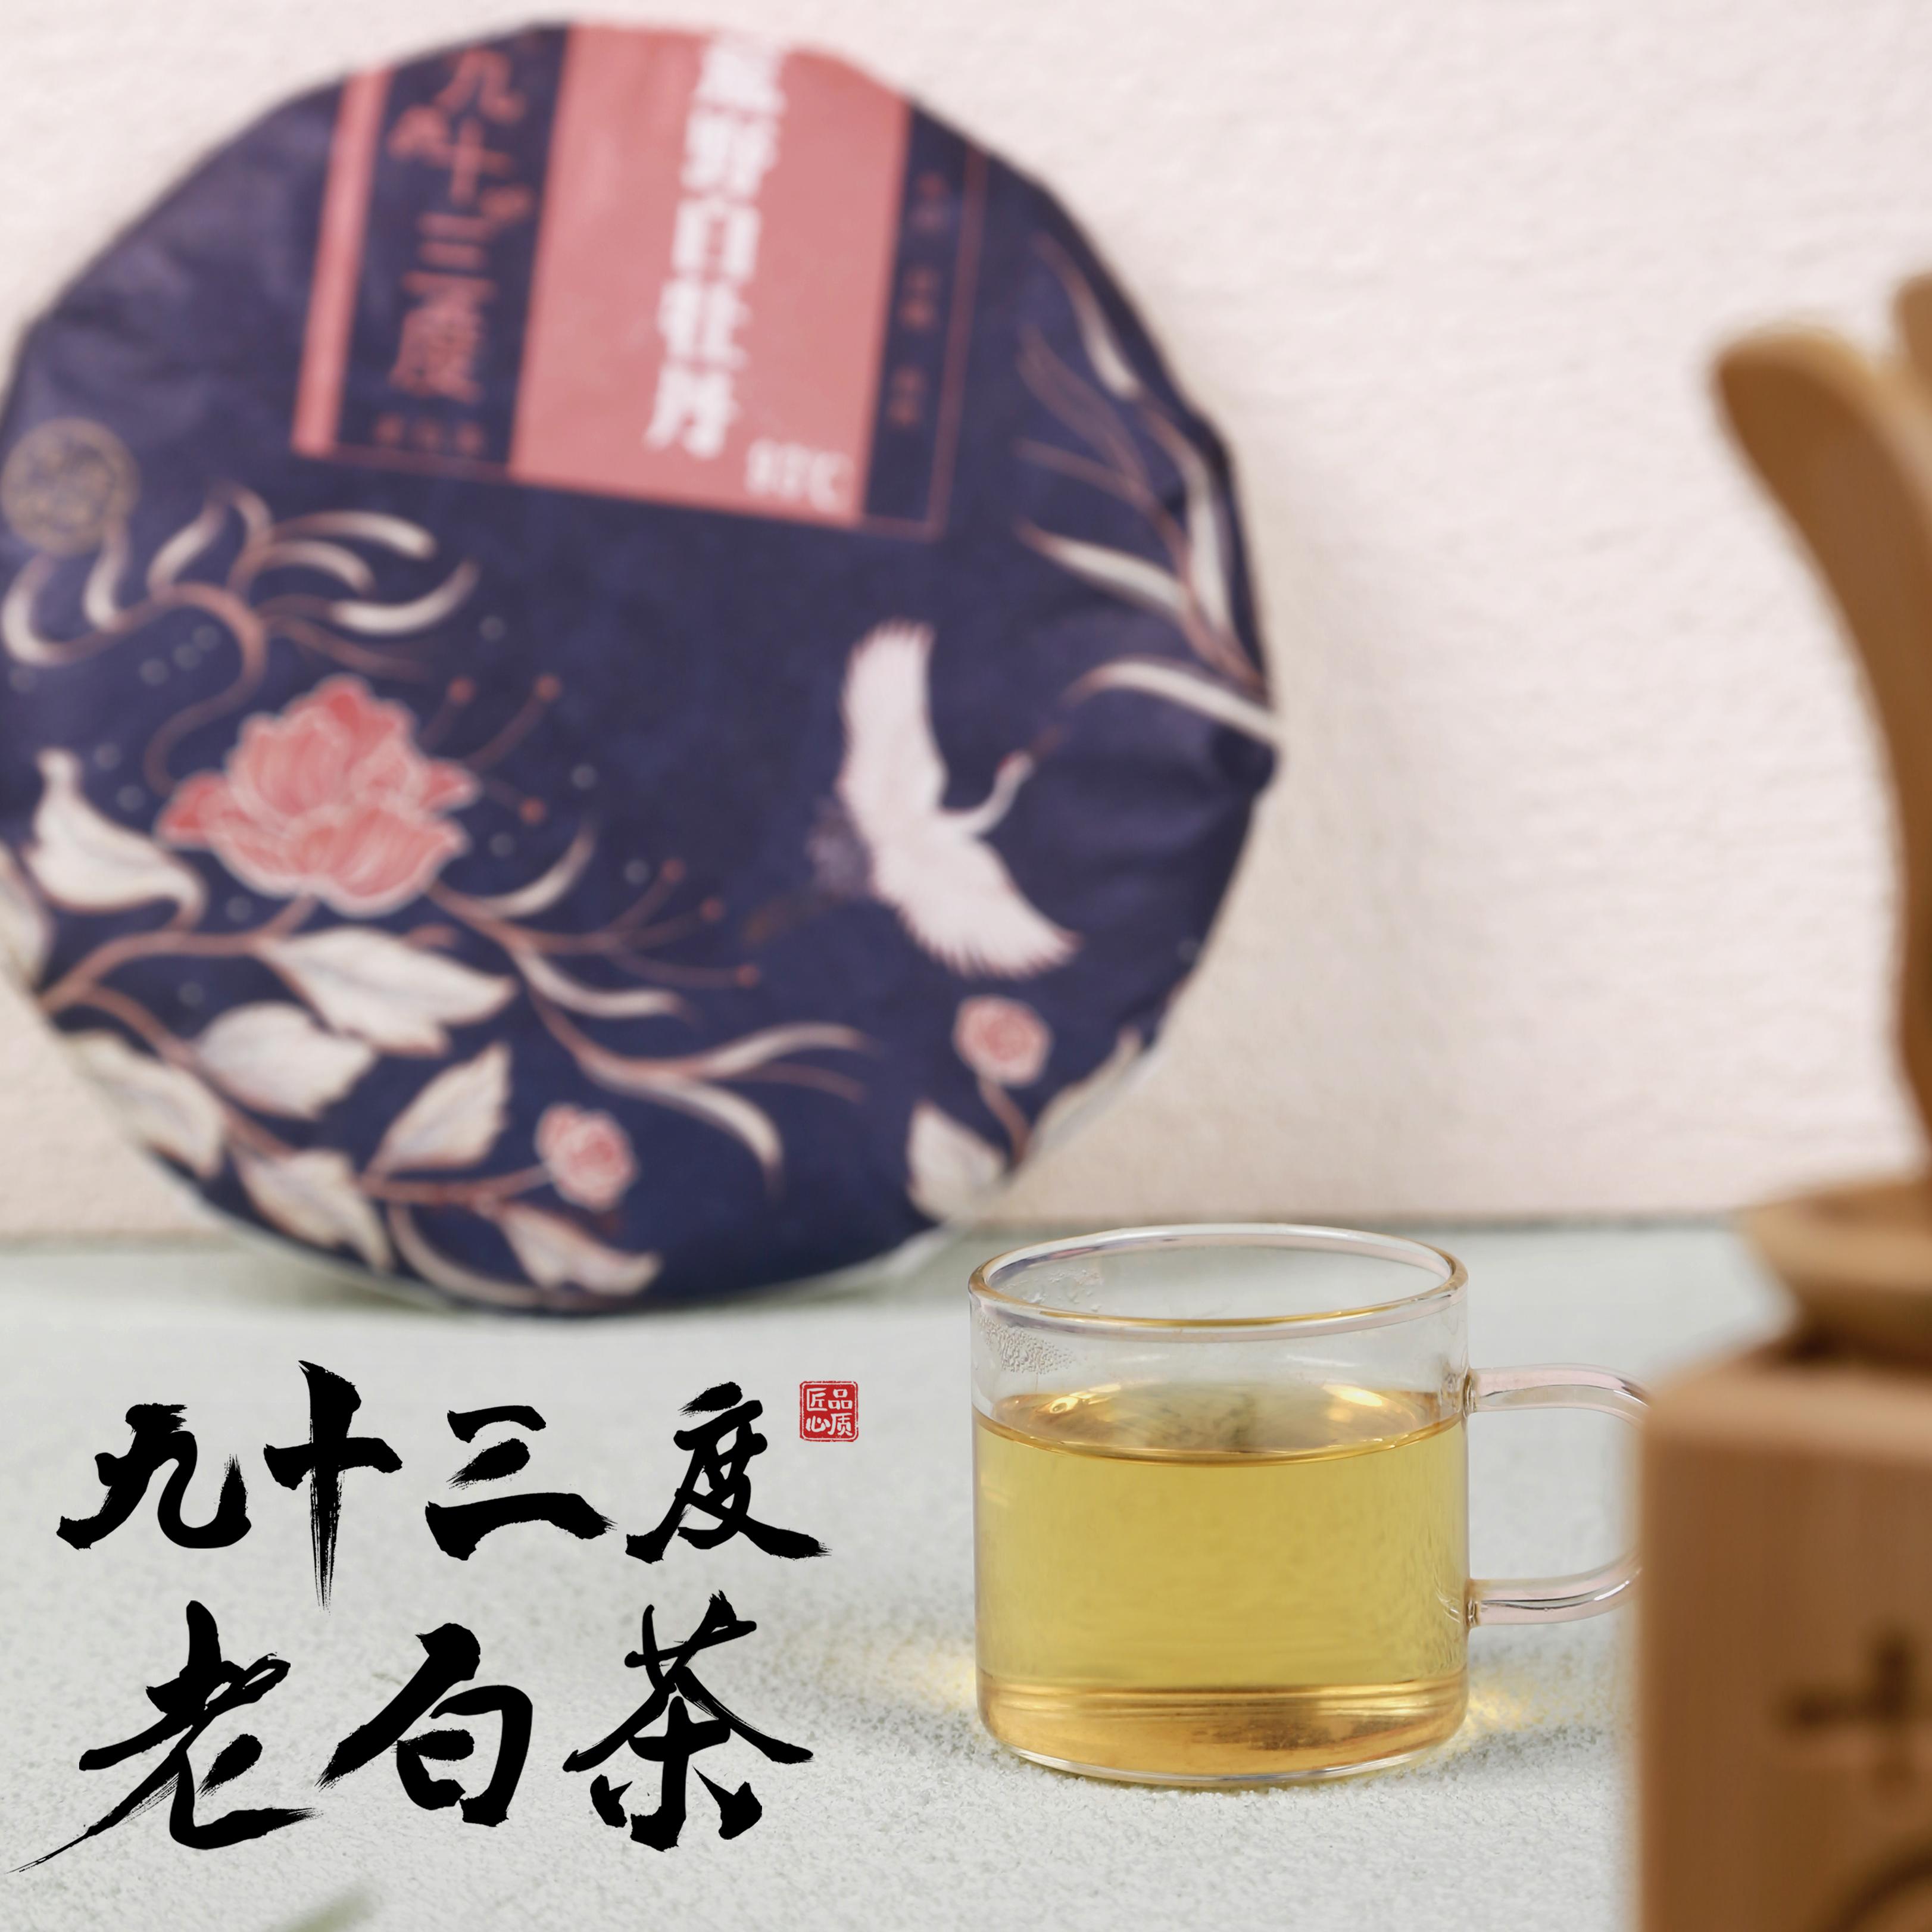 九十三老白茶 | 针对性储存方式:白茶收藏必看